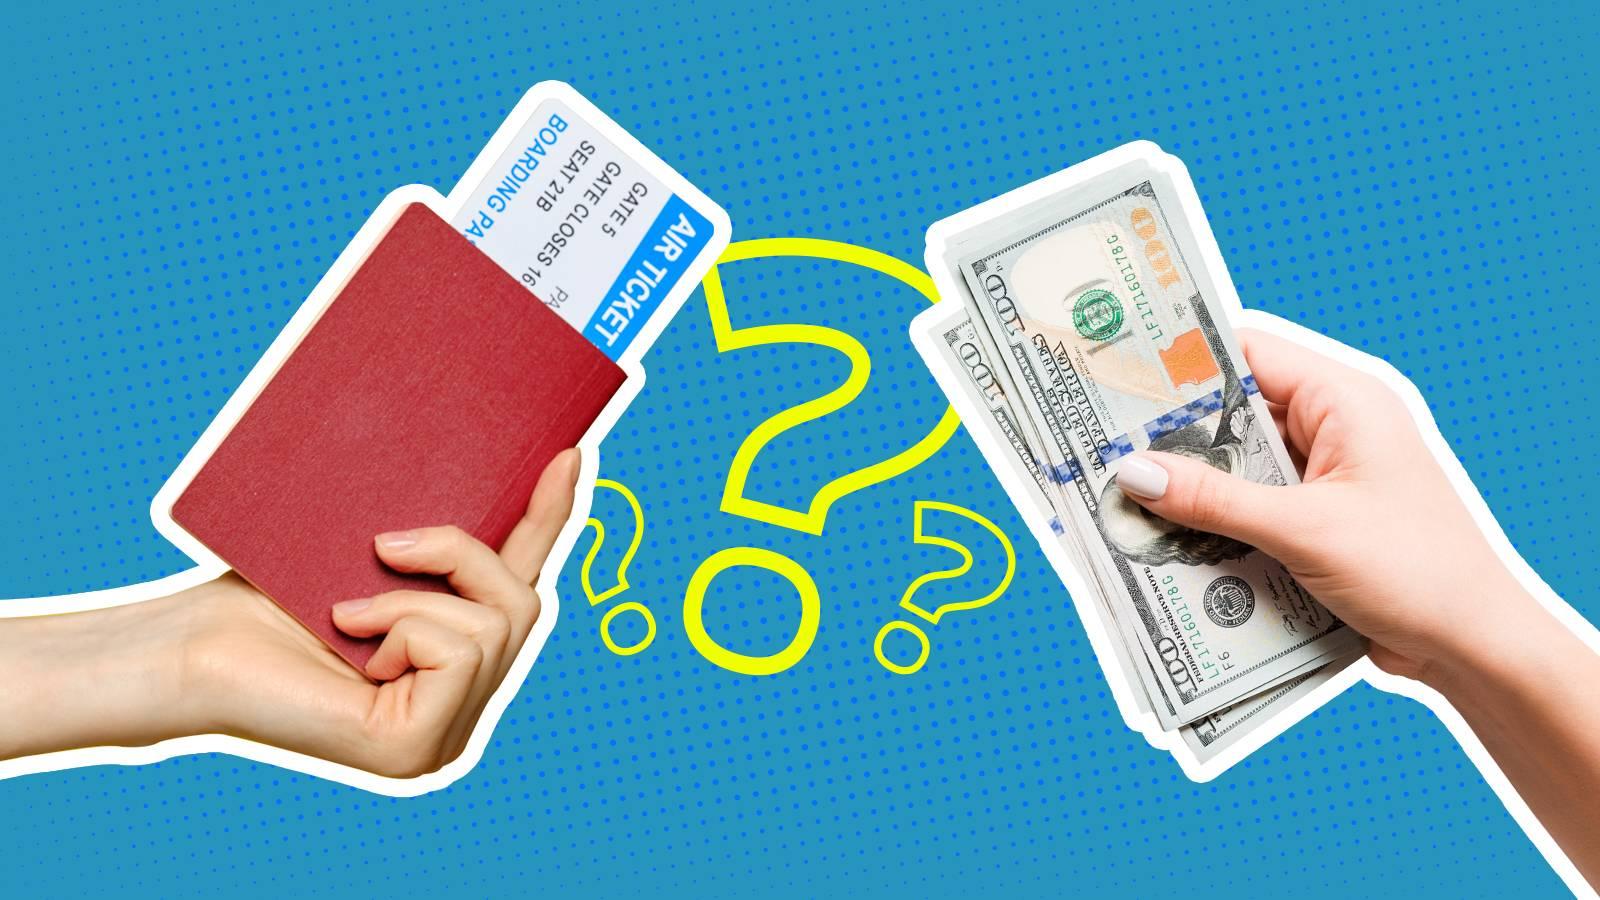 Успокоиться, подождать, вернуть свои деньги: что делать, если чартеры в турцию отменят, а вы купили тур